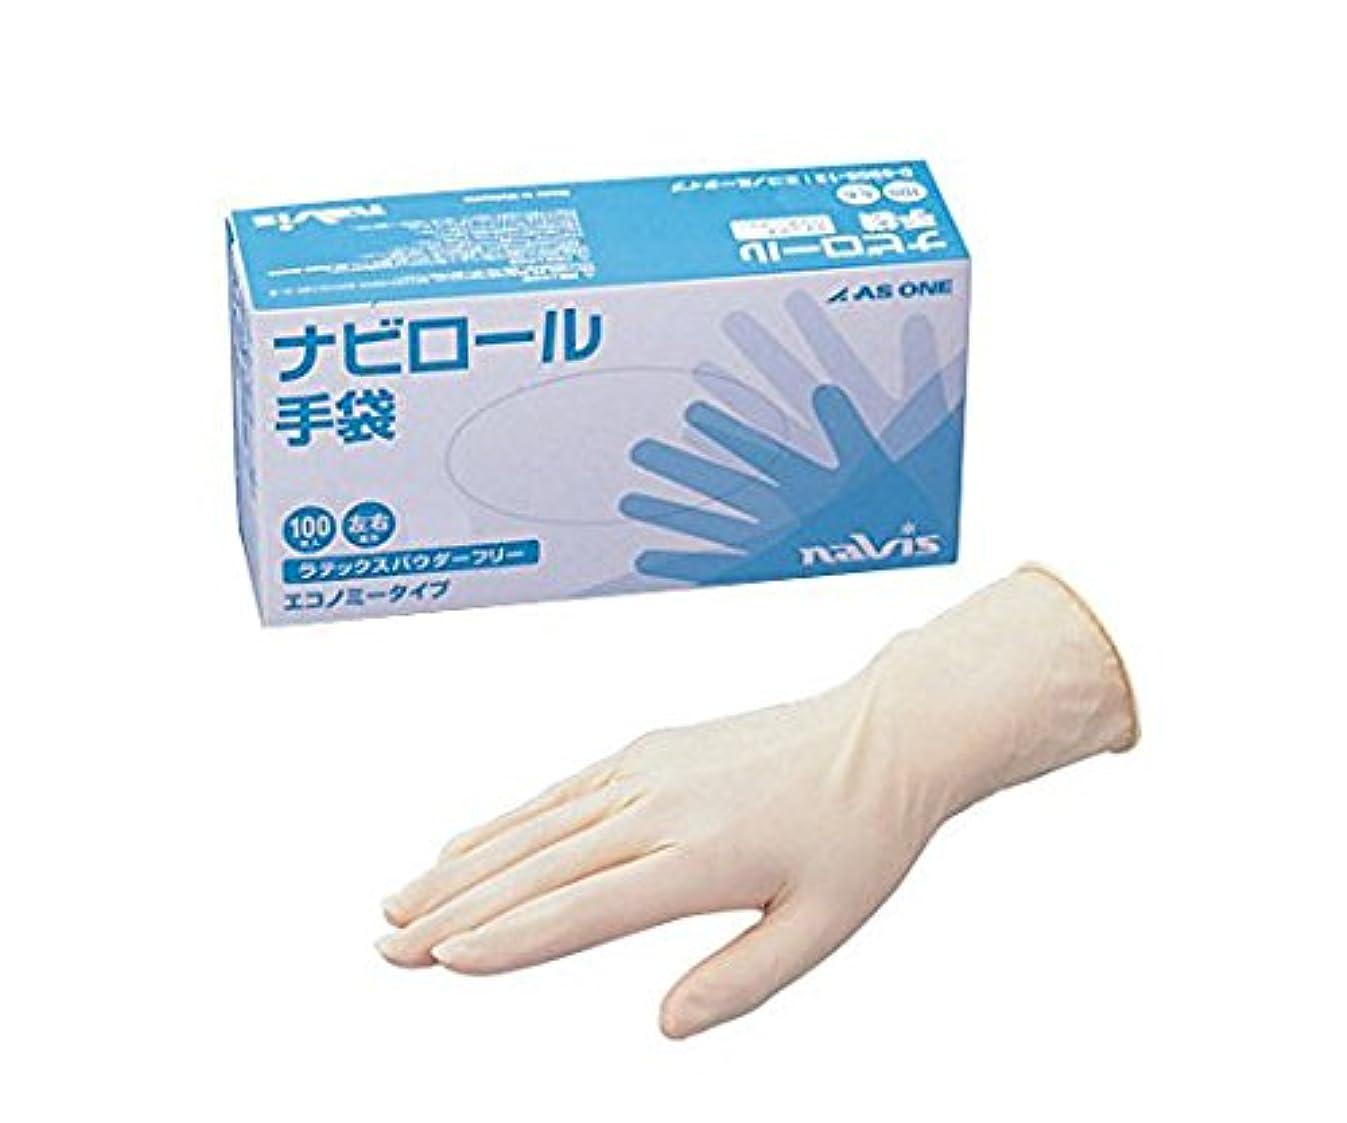 少ない淡い横アズワン0-5905-22ナビロール手袋(エコノミータイプ?パウダーフリー)M100枚入